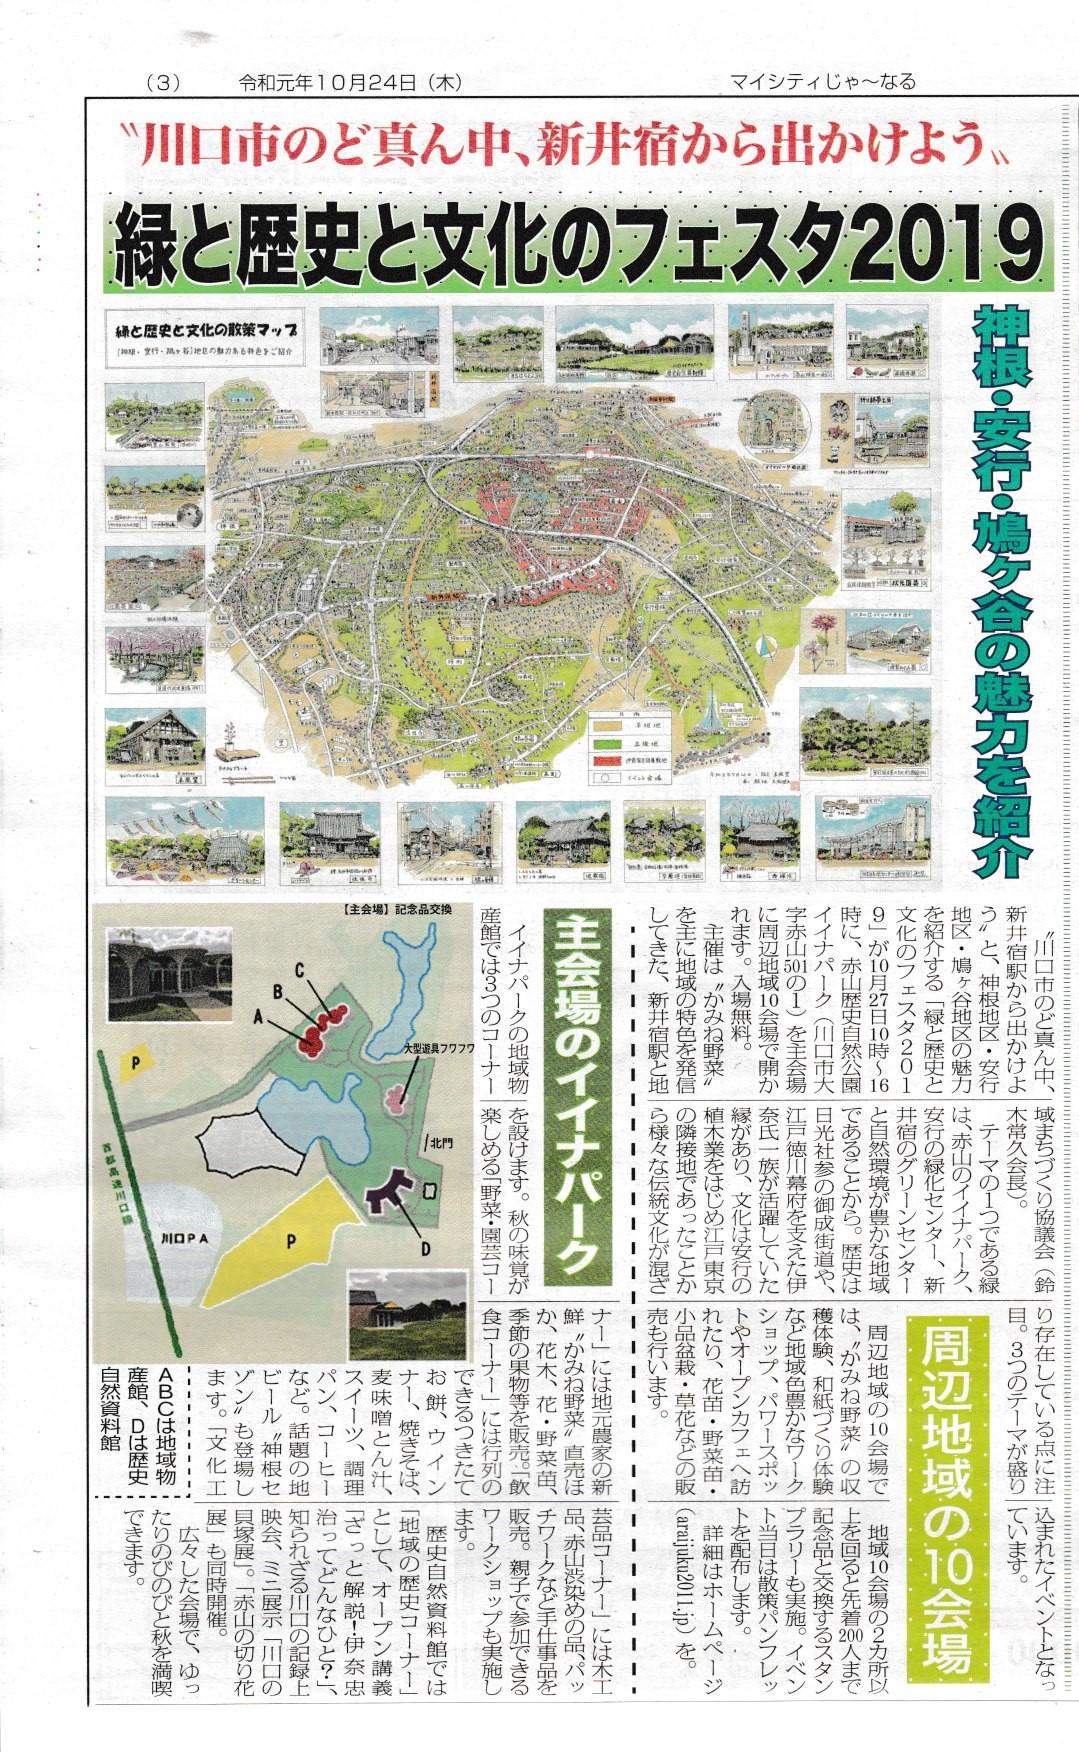 マイシティじゃーなる20191024_01